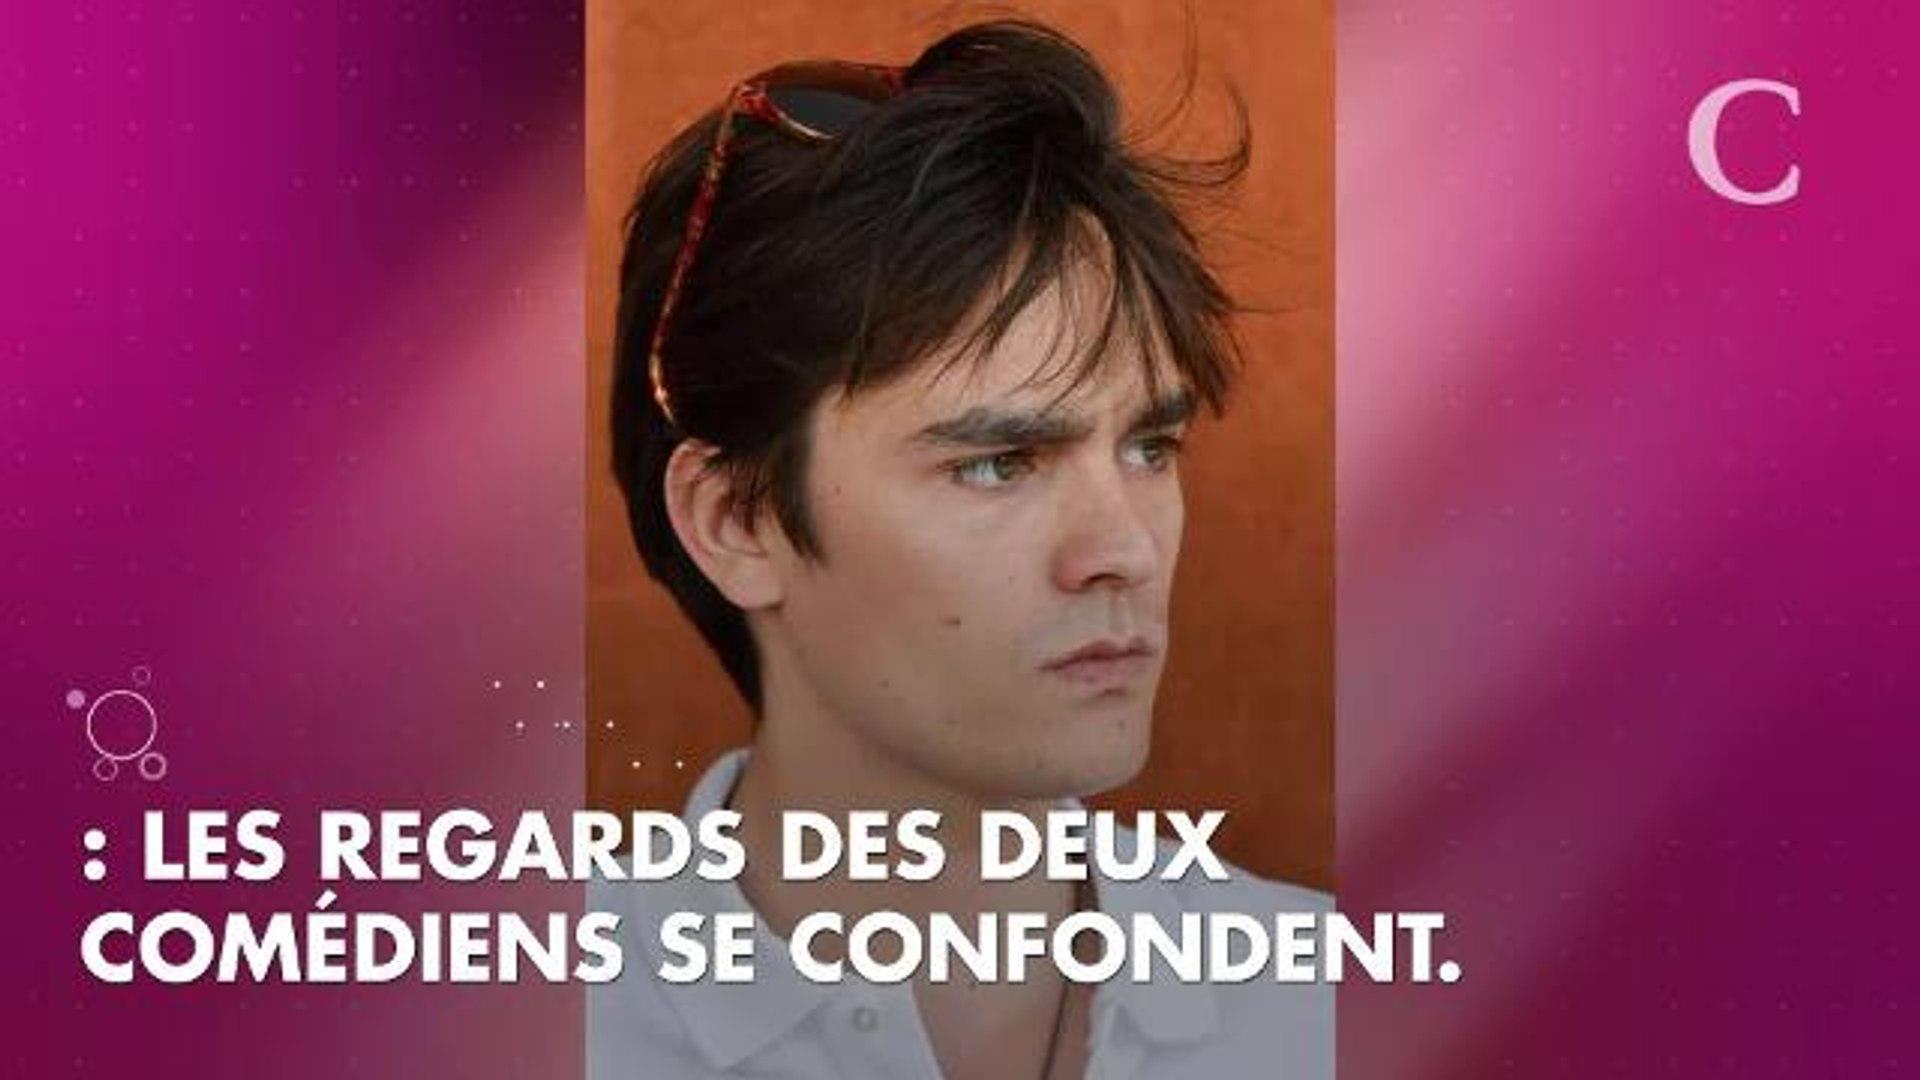 PHOTOS. Roland-Garros 2018 : Alain-Fabien Delon ressemble de plus en plus à son père Alain Delon